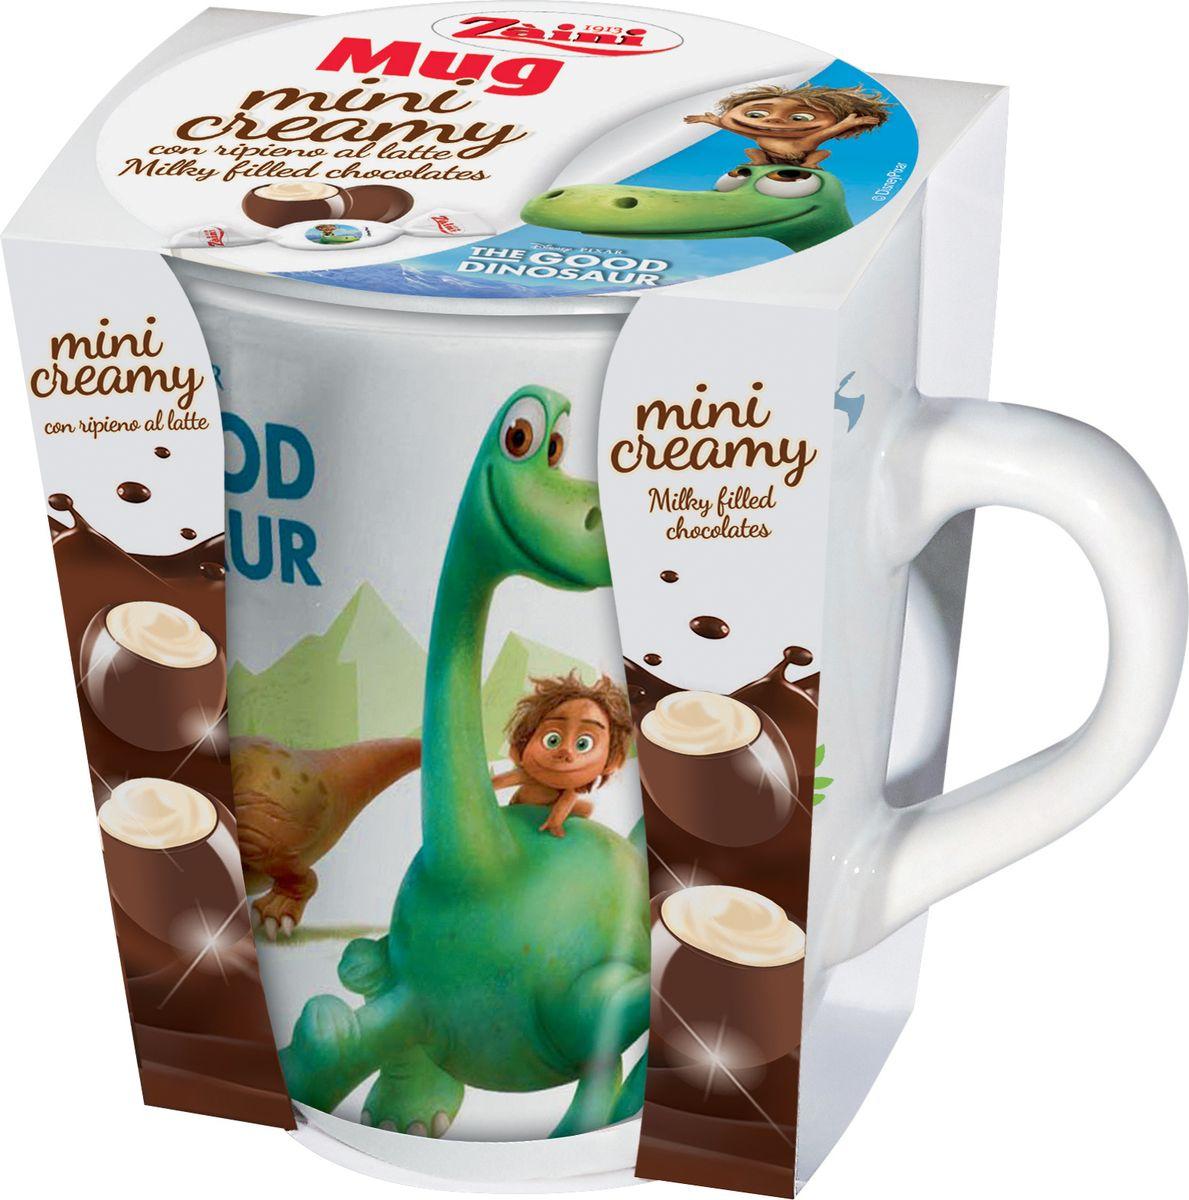 Zaini The Good Dinosaur молочный шоколад в керамической кружке, 47 г good dinosaur 62006 хороший динозавр маленькая подвижная фигурка юный анкилозавр